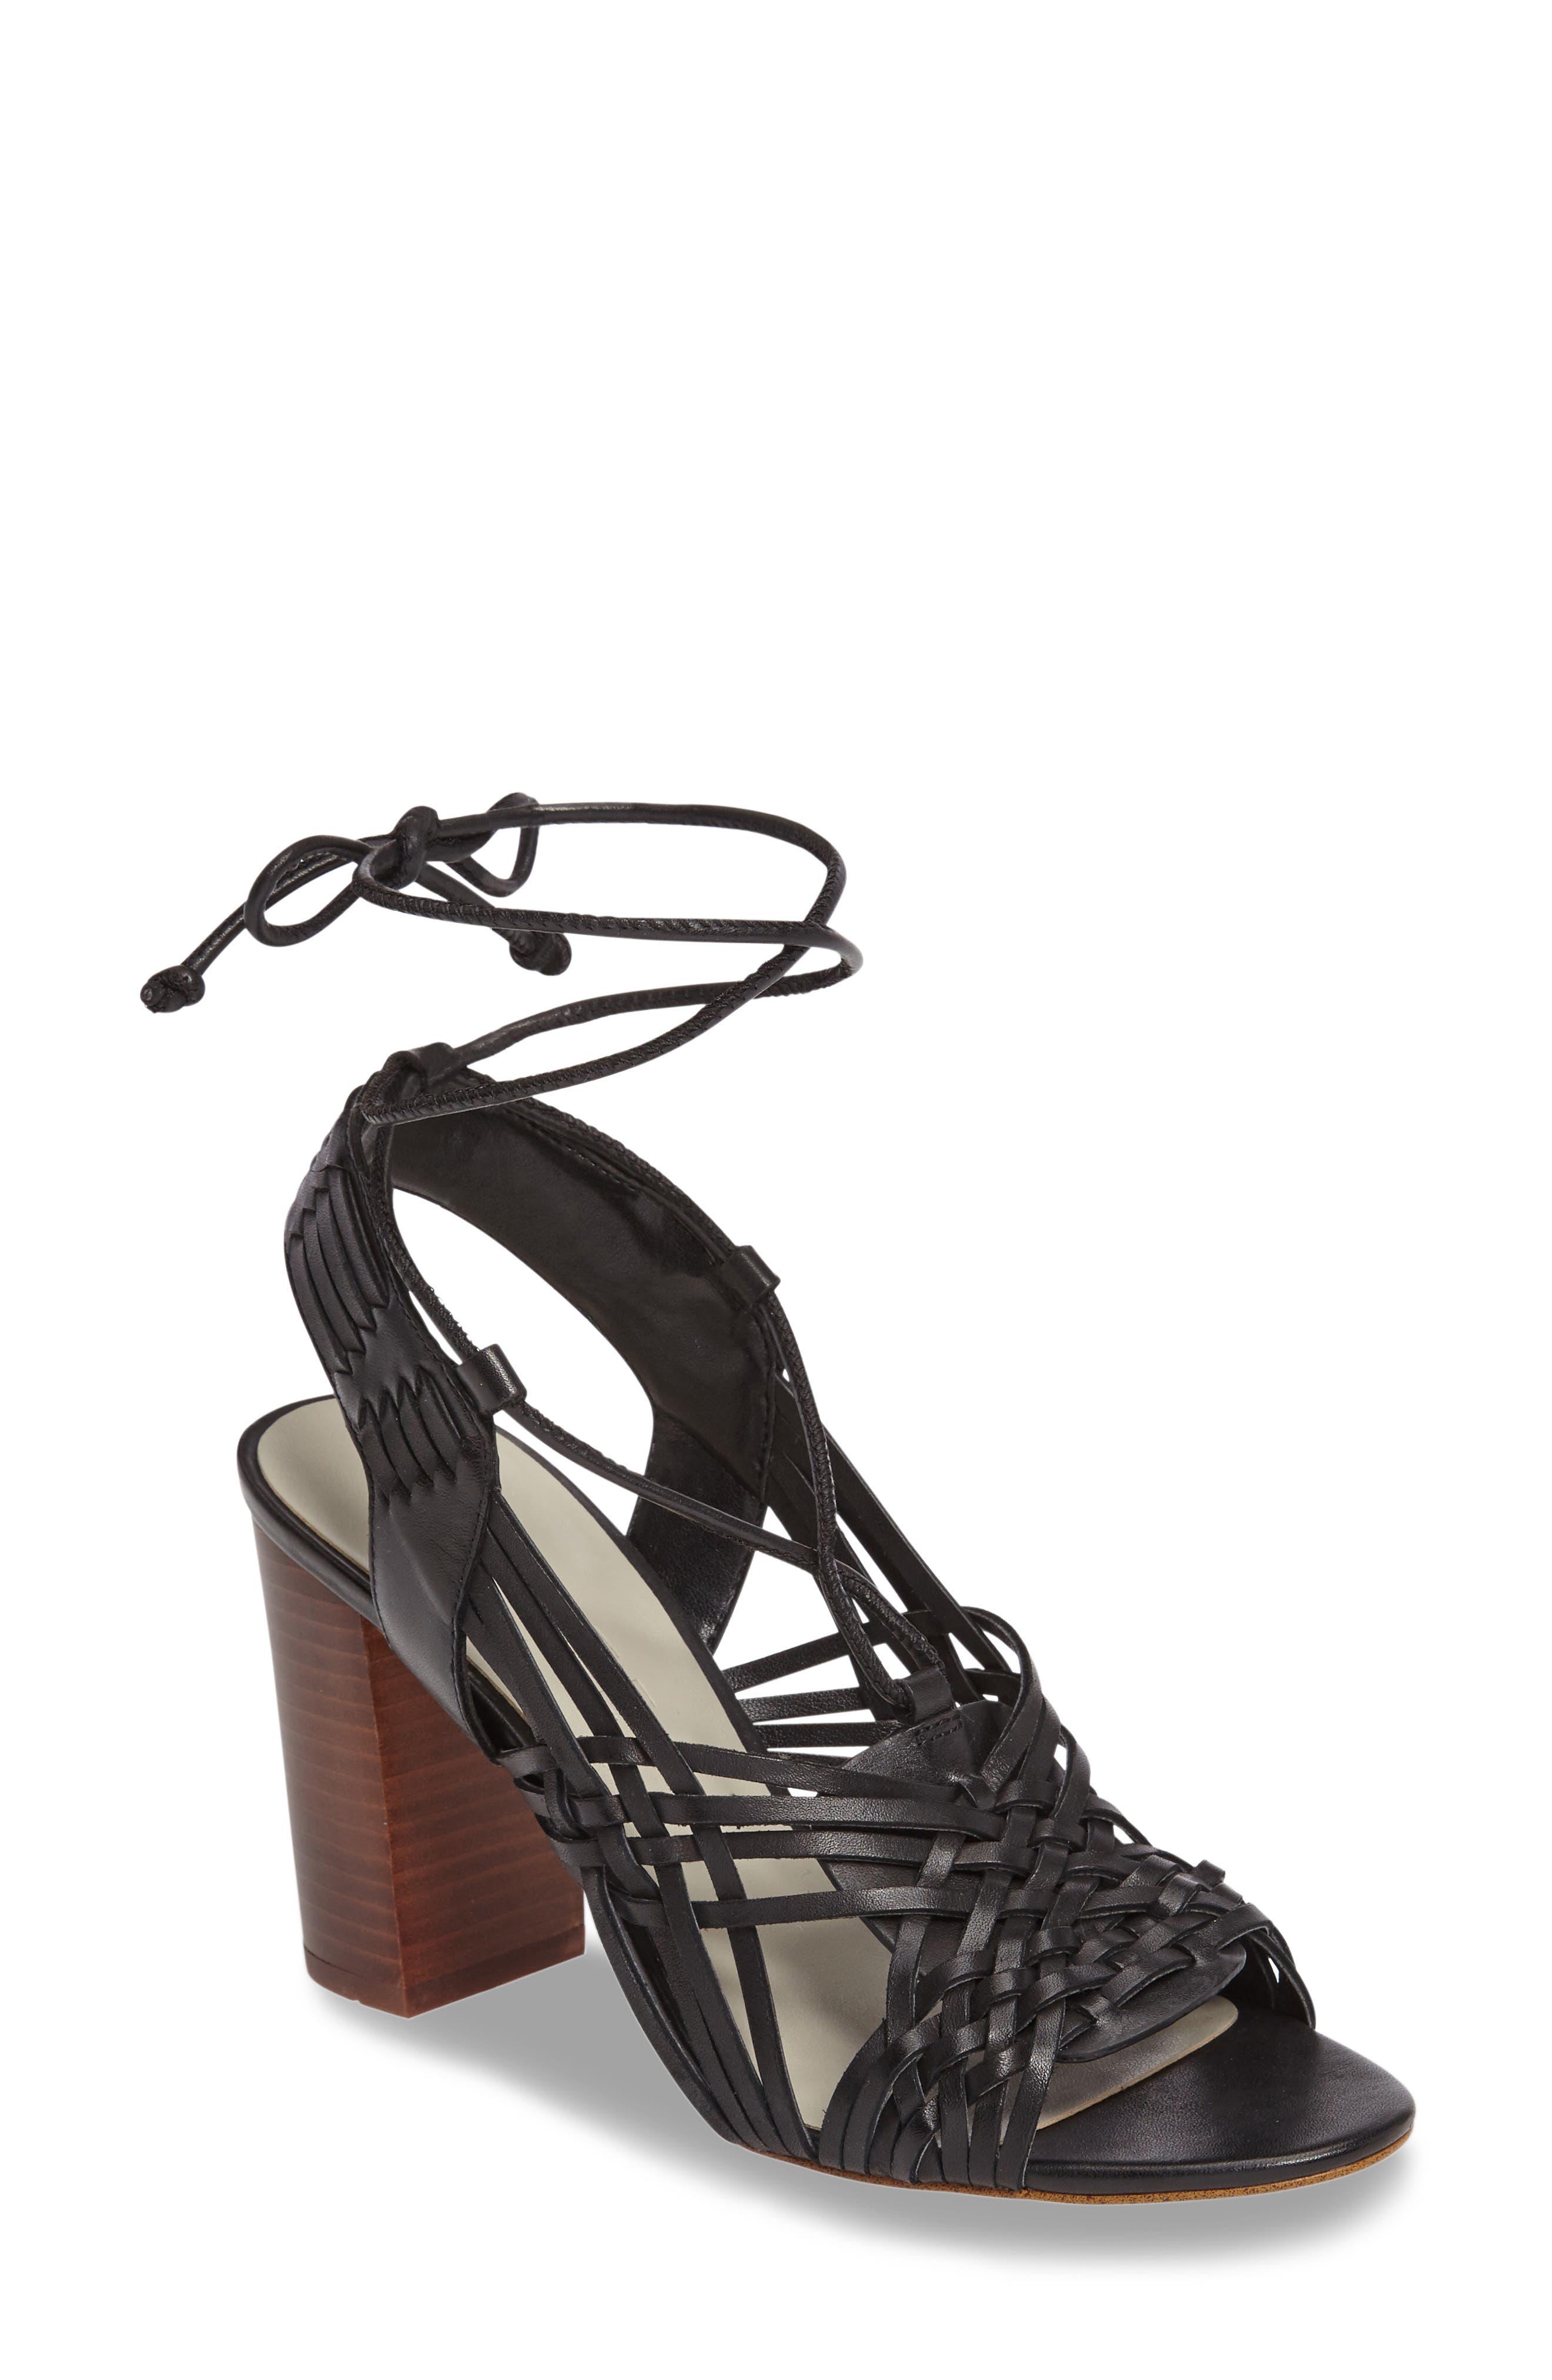 Alternate Image 1 Selected - 1.STATE Shannen Block Heel Sandal (Women)